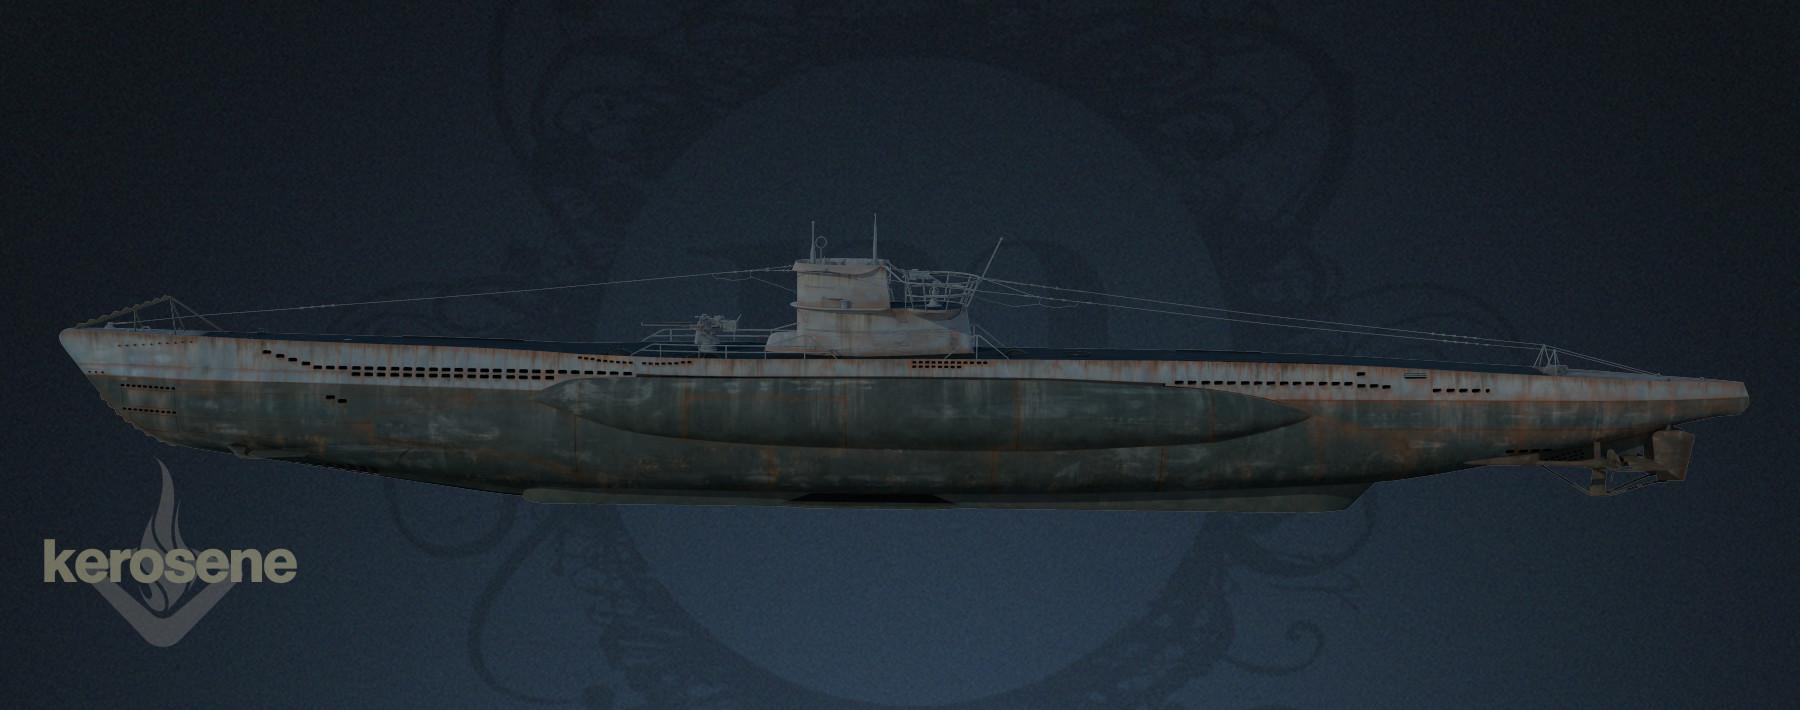 Marie sanginesi uboat side